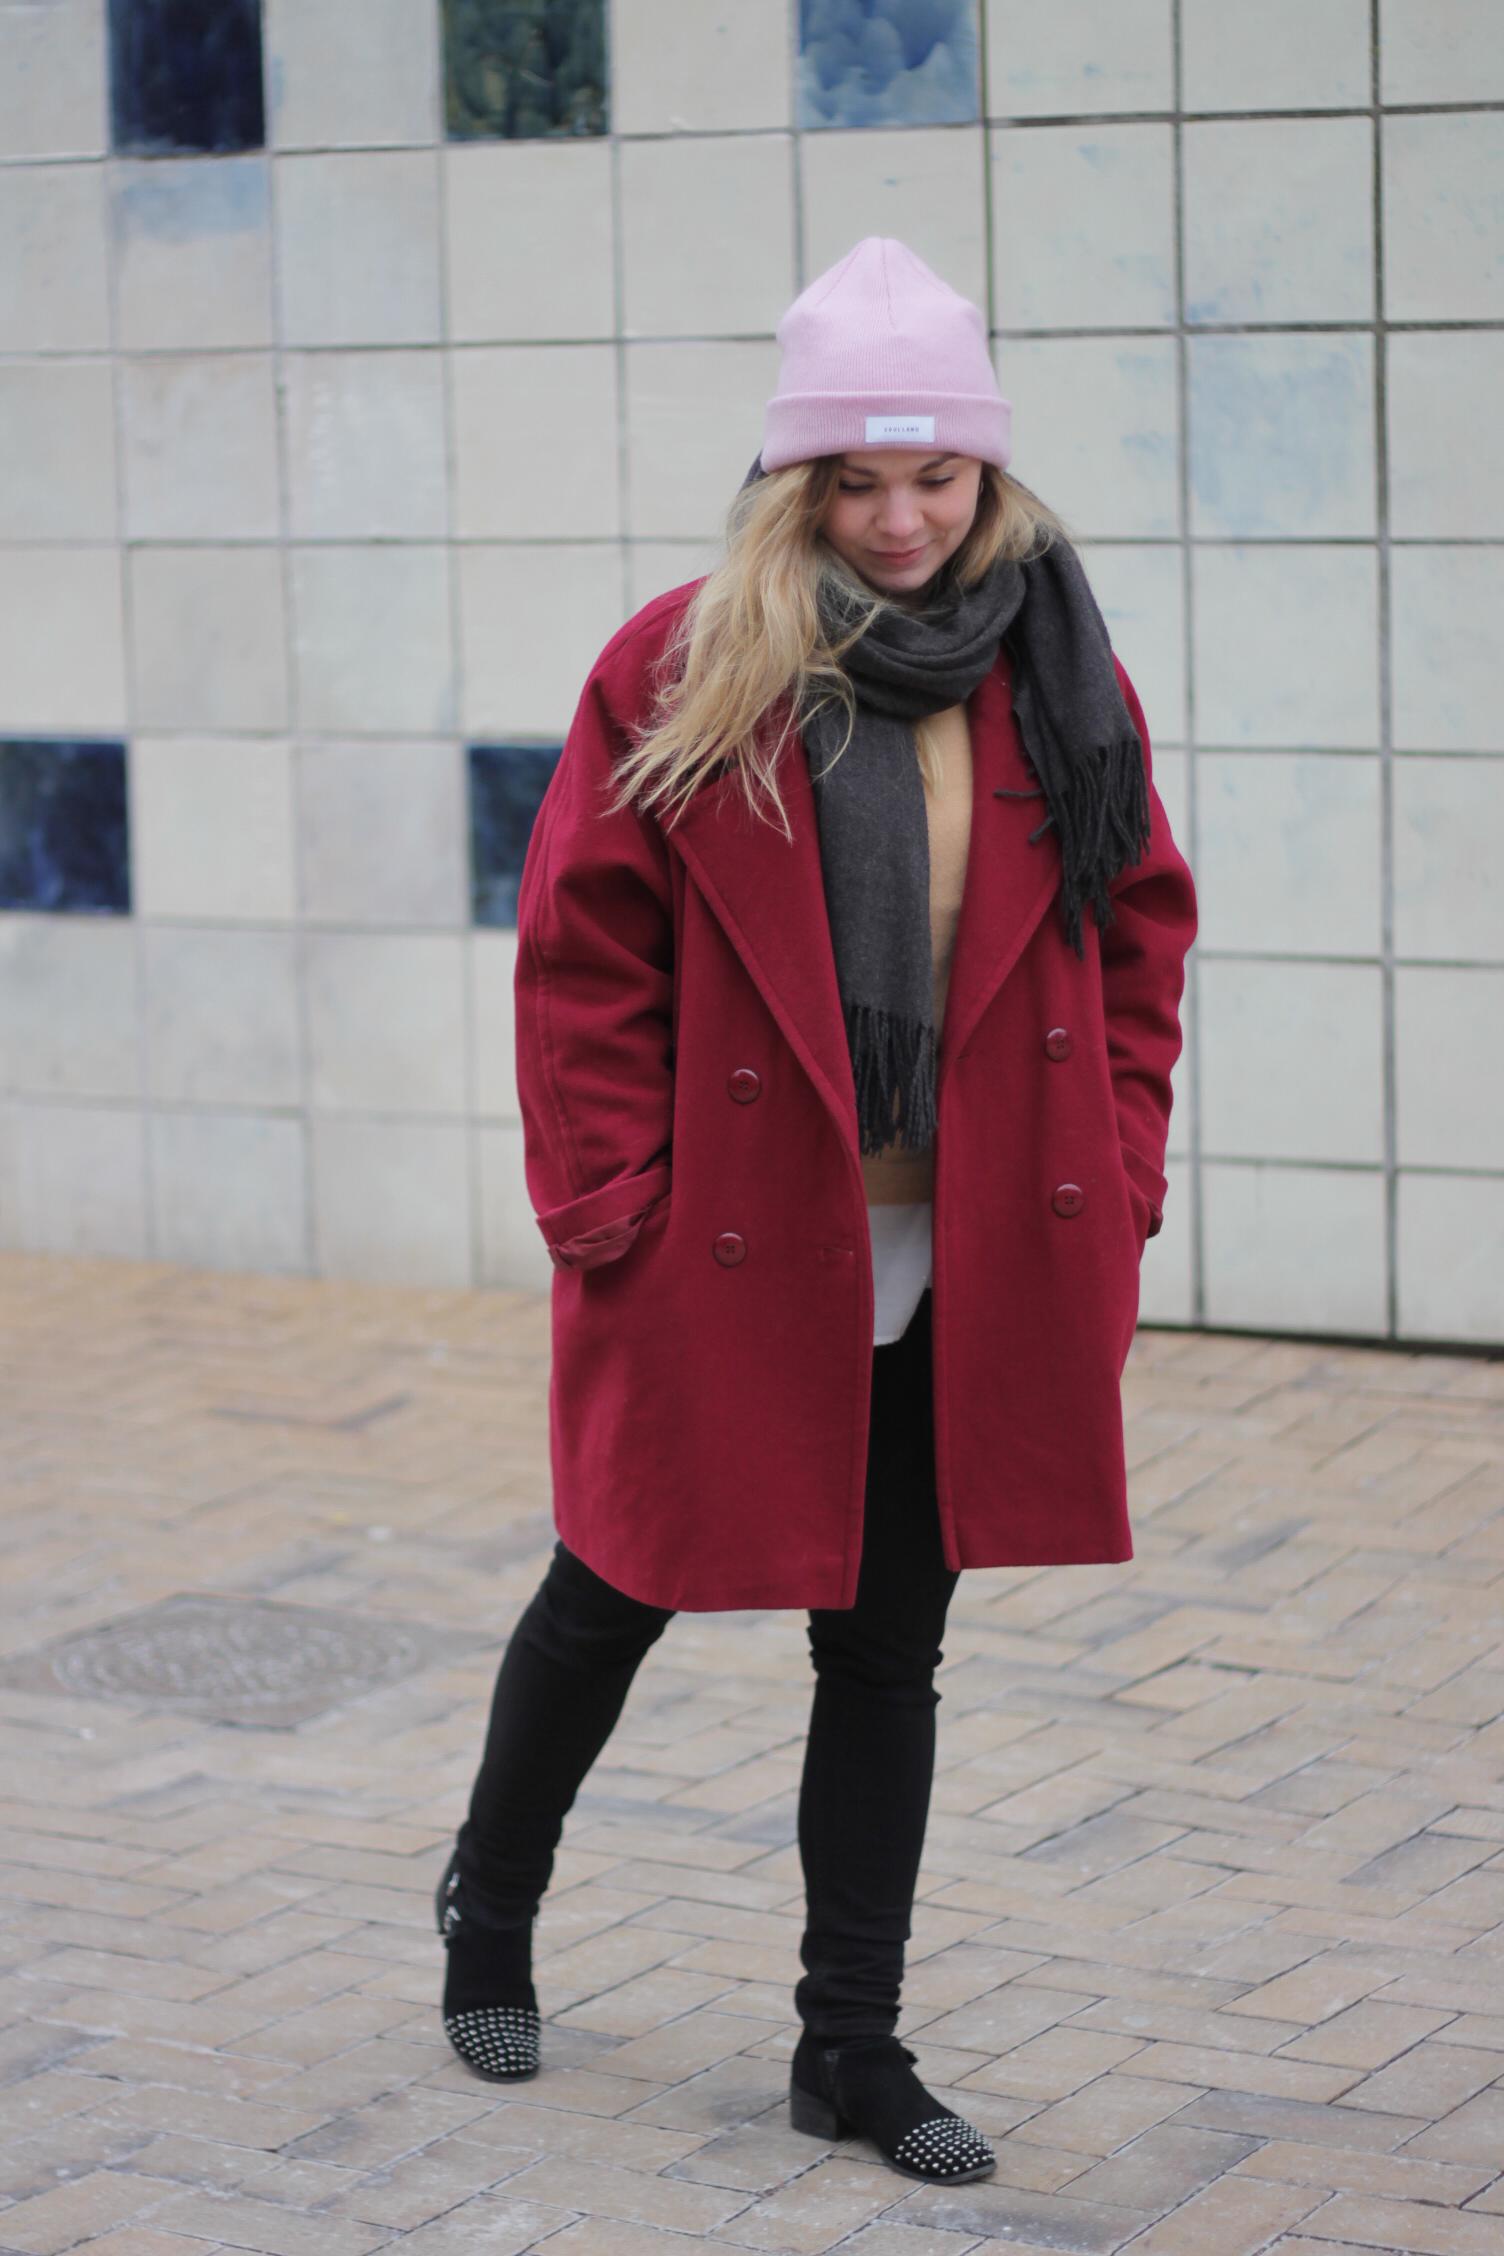 Jeanette-hardis-odense-lets-blog-some-shit-blogger-forår-ting-jeg-vil-lave-i-marts